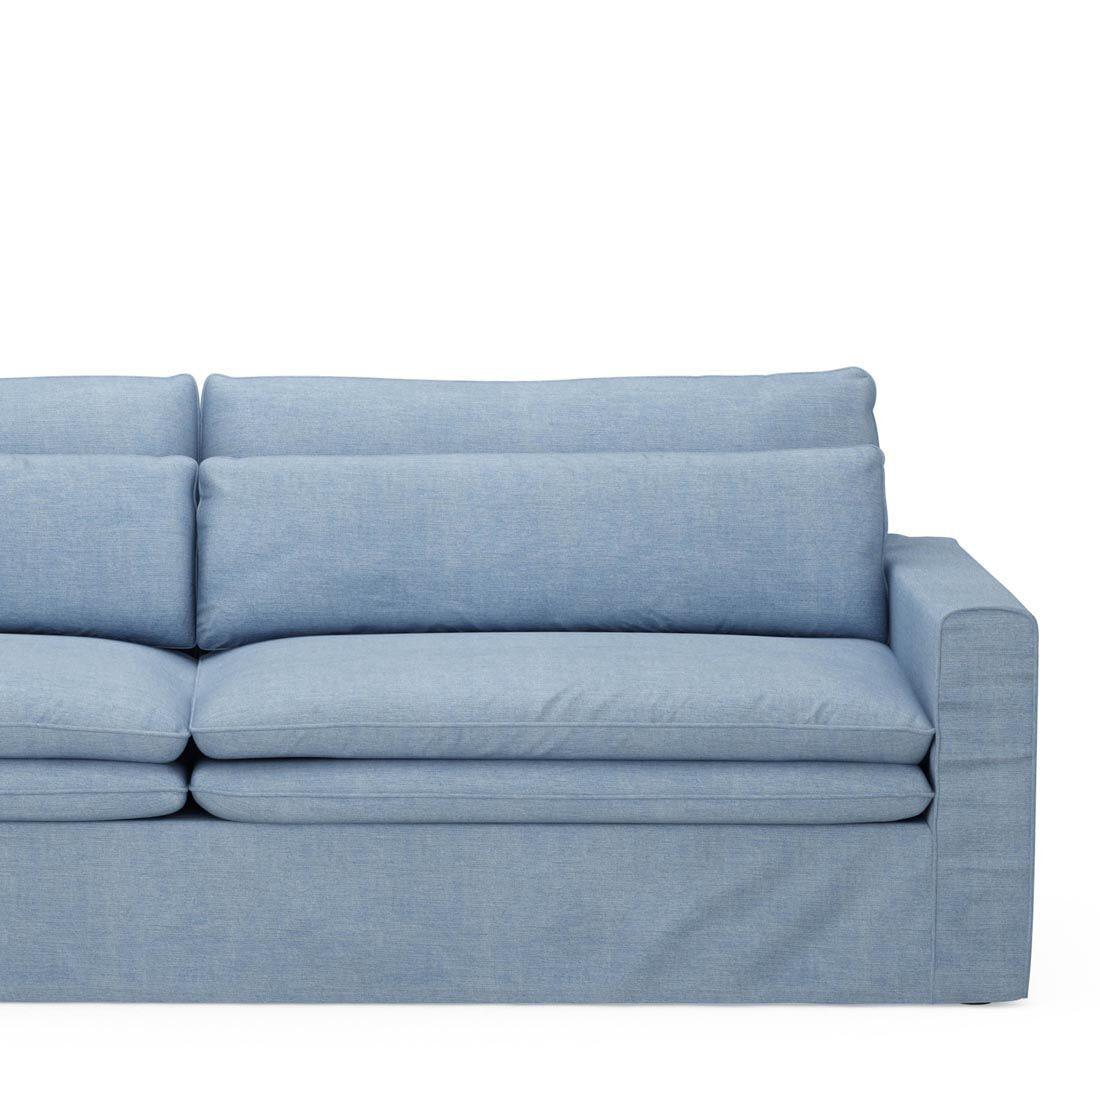 Rivièra Maison 3,5-zits Bank 'Continental' Washed Cotton, kleur Ice Blue